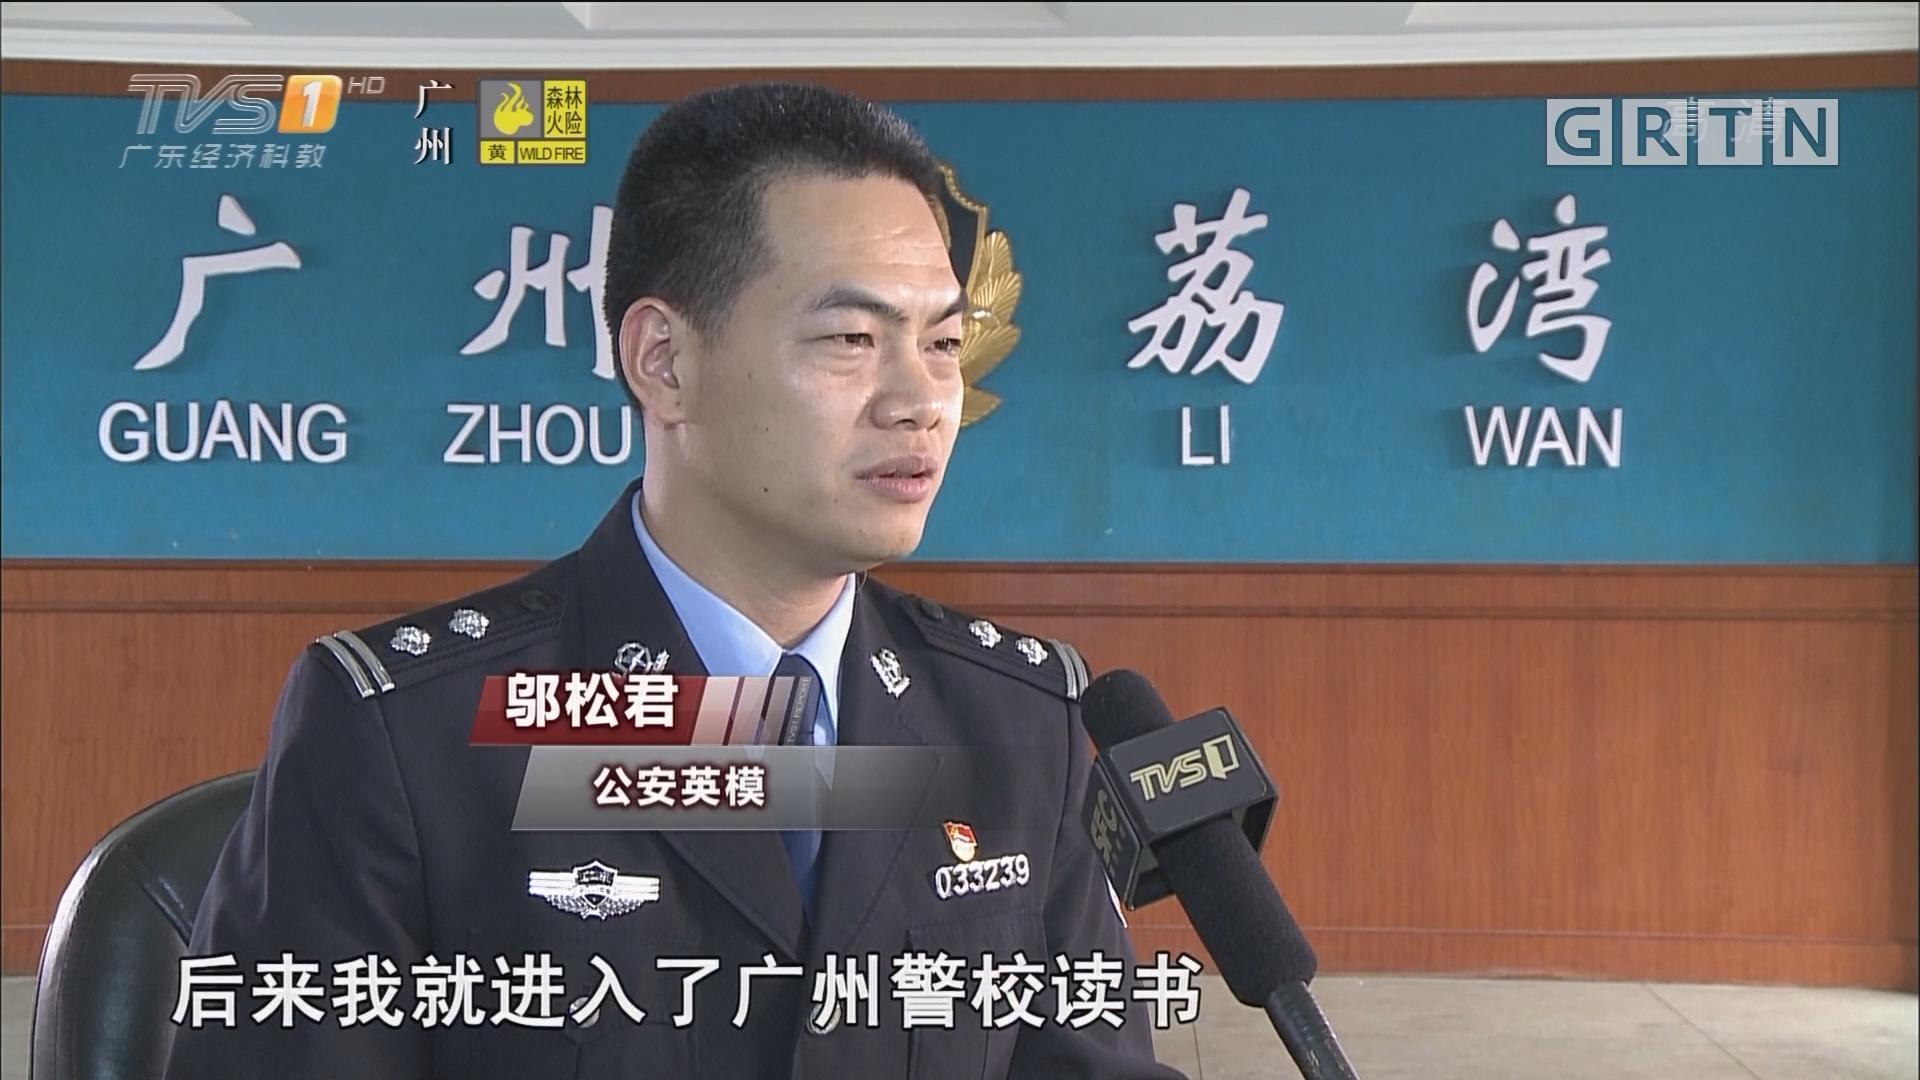 广东警察故事:硬汉邬松君的十三处伤疤